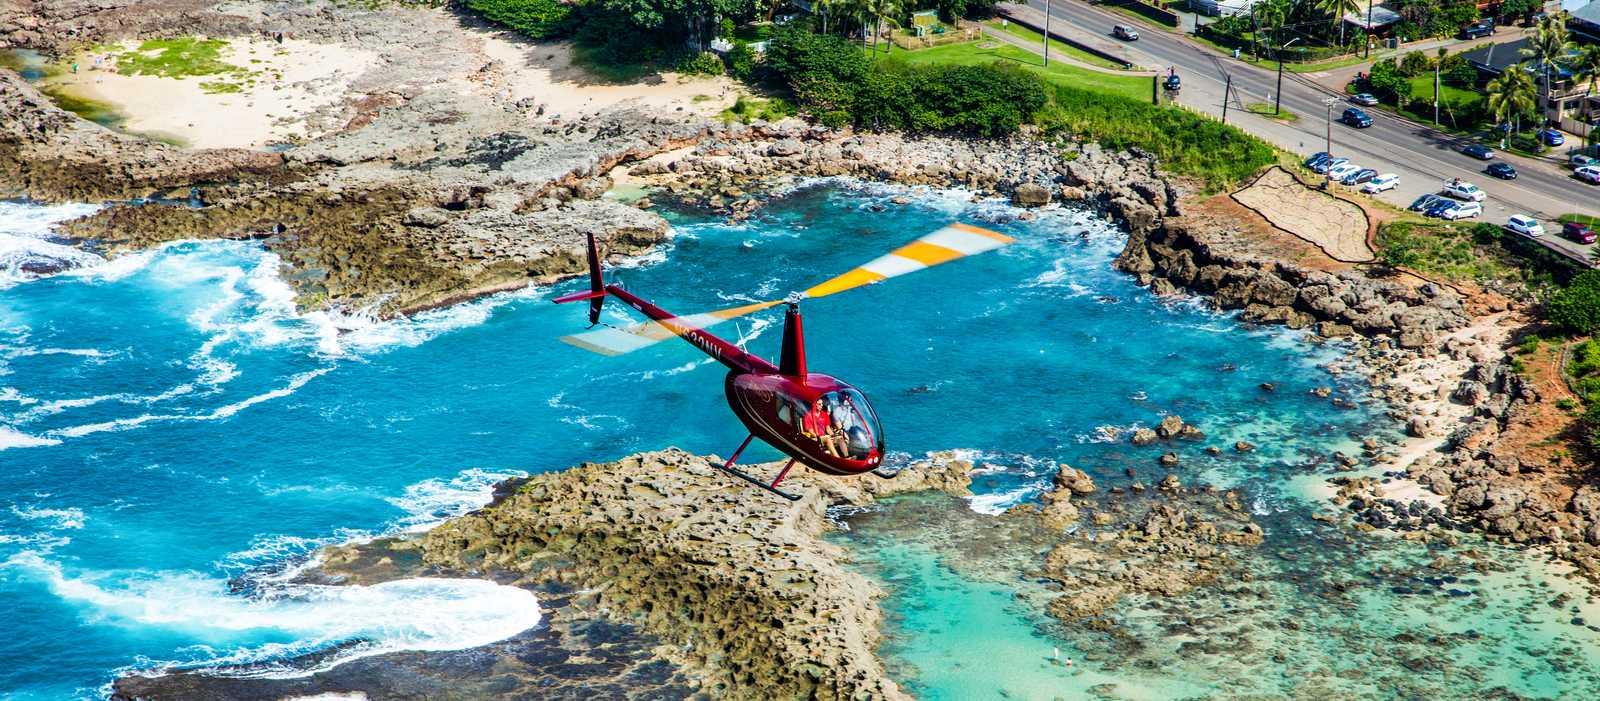 Ein Helikopter der Novictor Helicopter Company über der Insel O'ahu